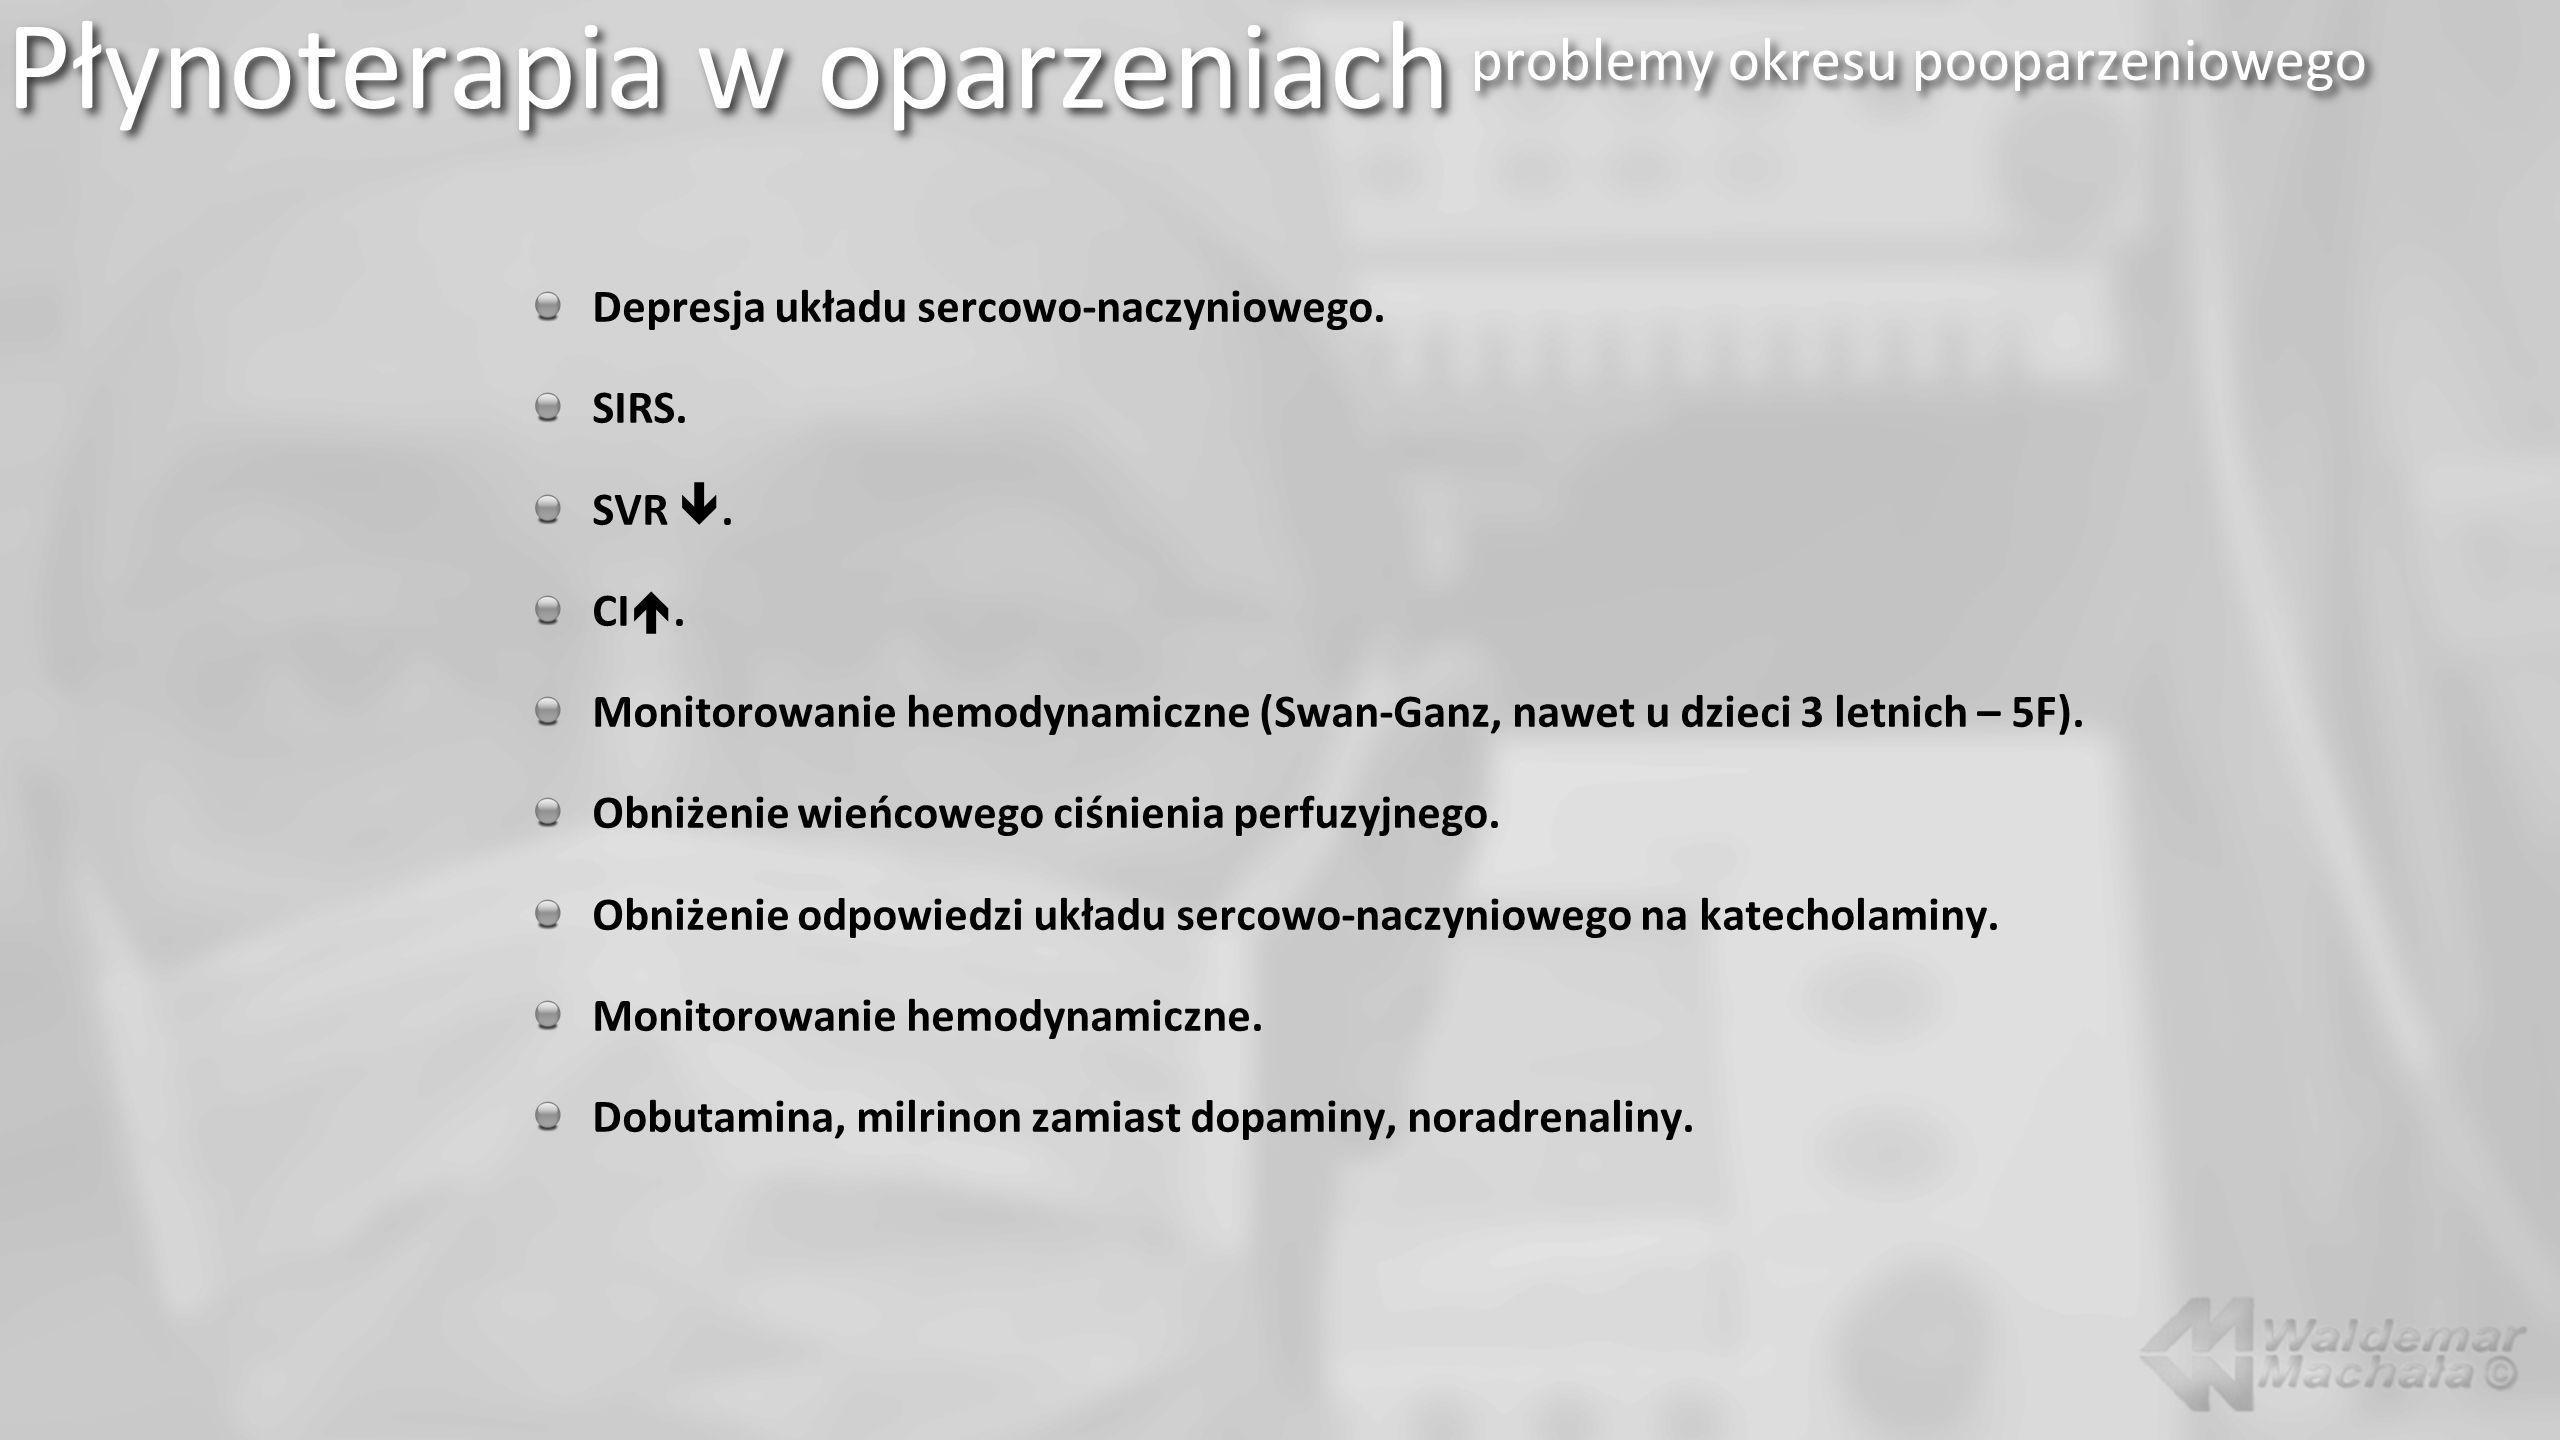 Depresja układu sercowo-naczyniowego. SIRS. SVR. CI. Monitorowanie hemodynamiczne (Swan-Ganz, nawet u dzieci 3 letnich – 5F). Obniżenie wieńcowego ciś